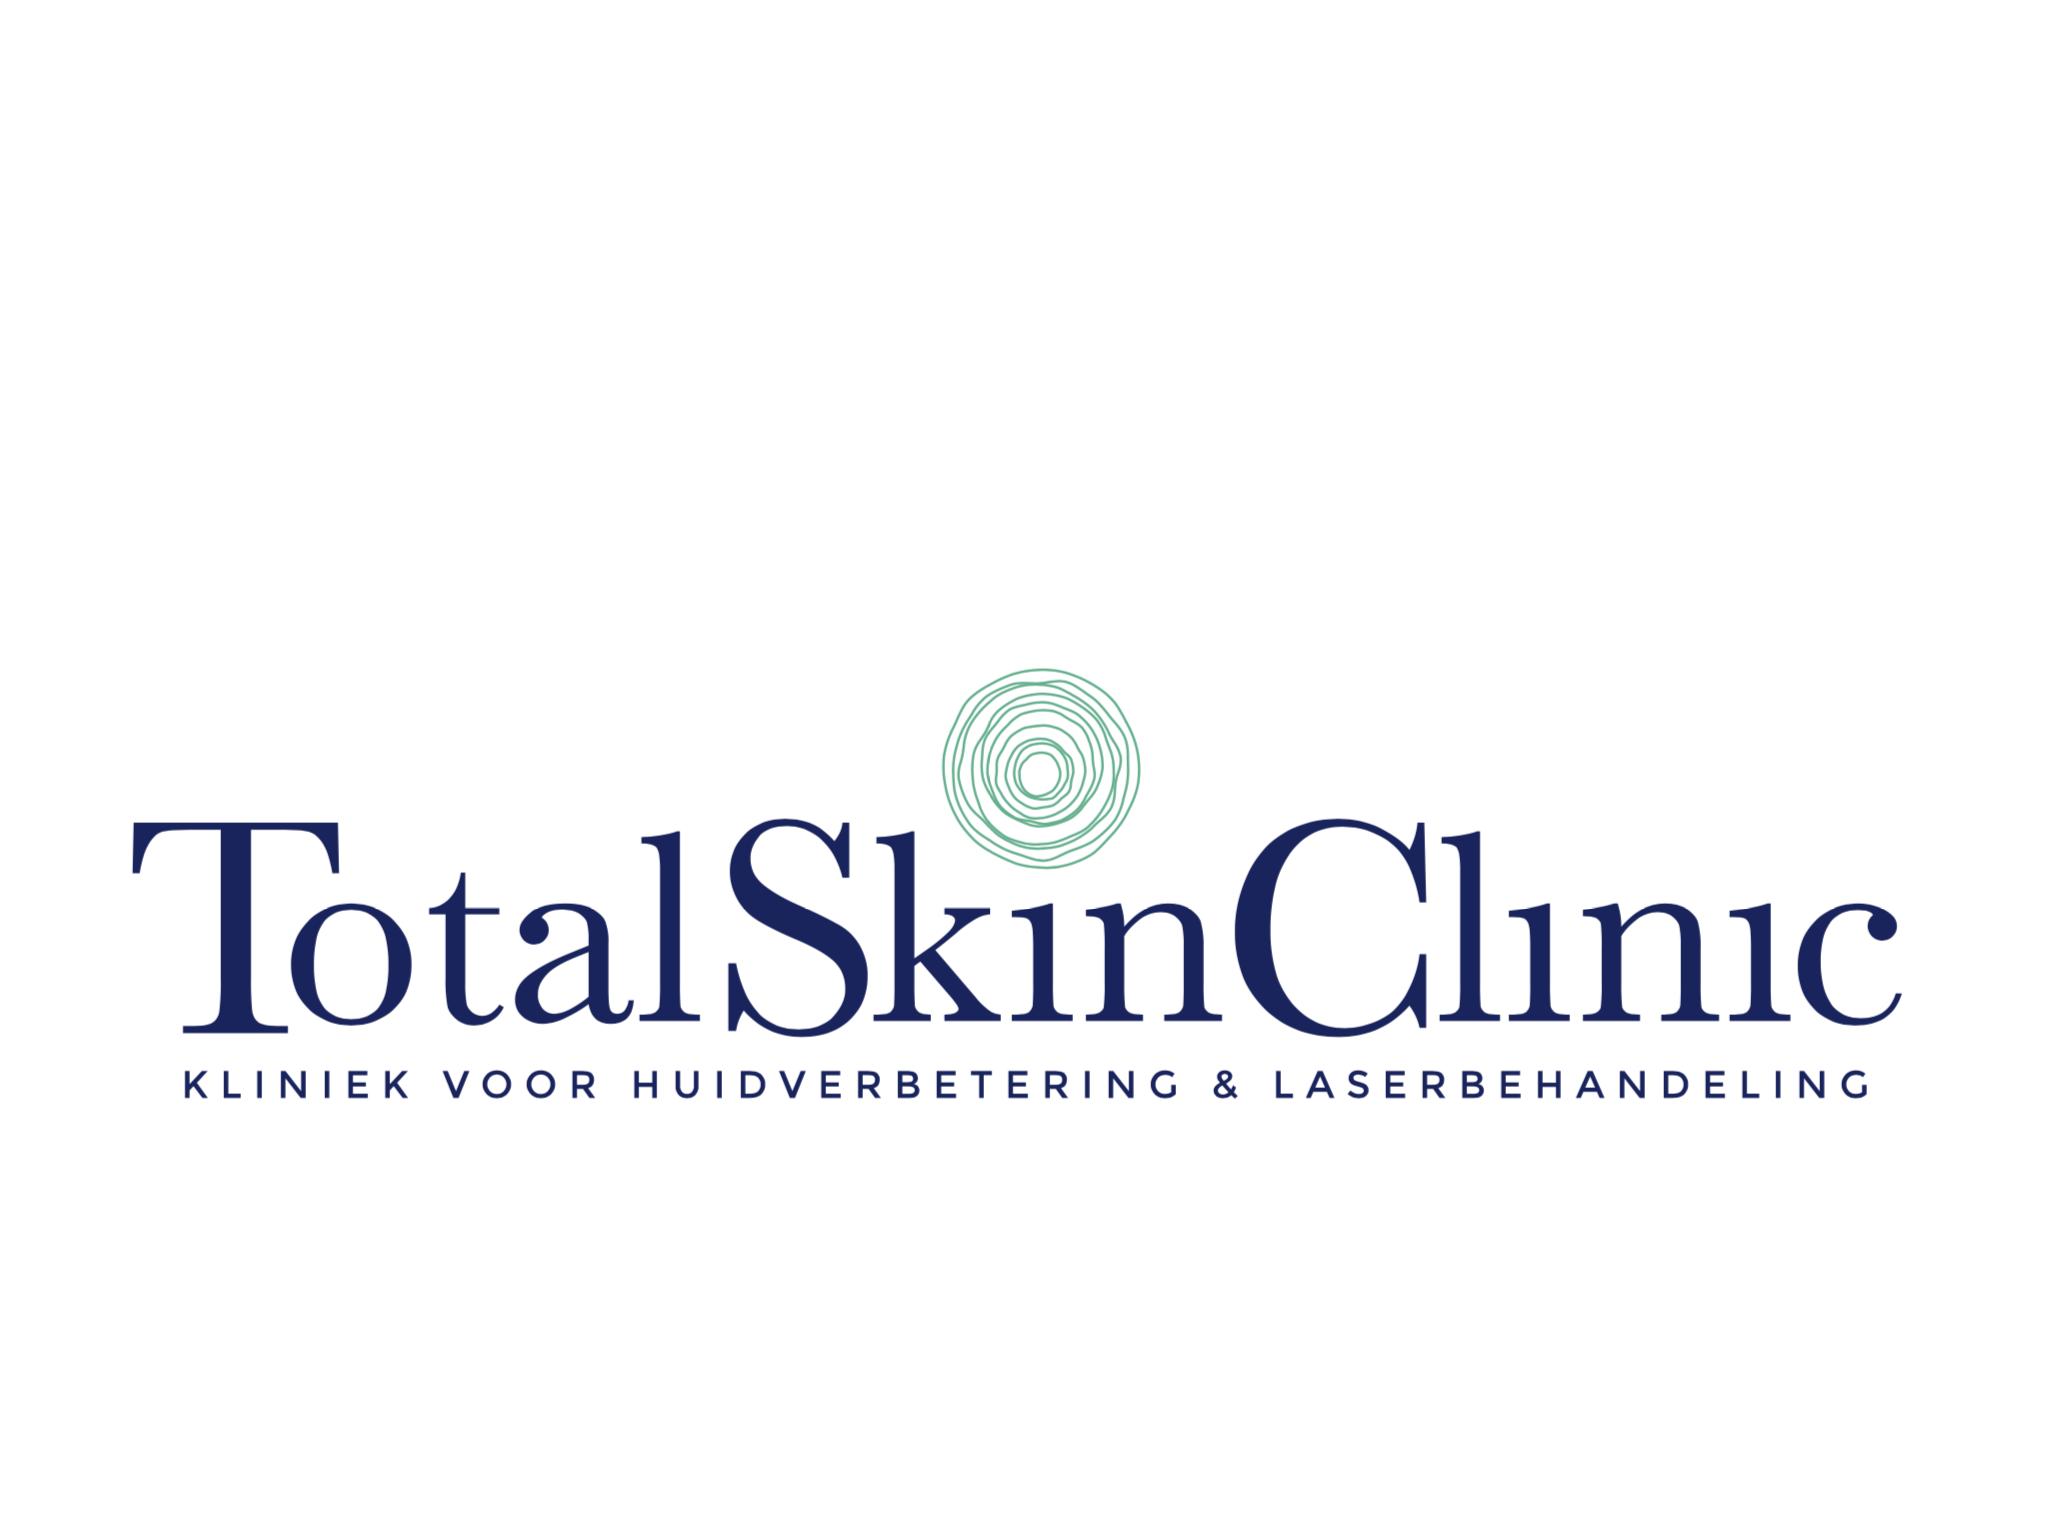 kliniek voor huidverbetering & laserbehandeling